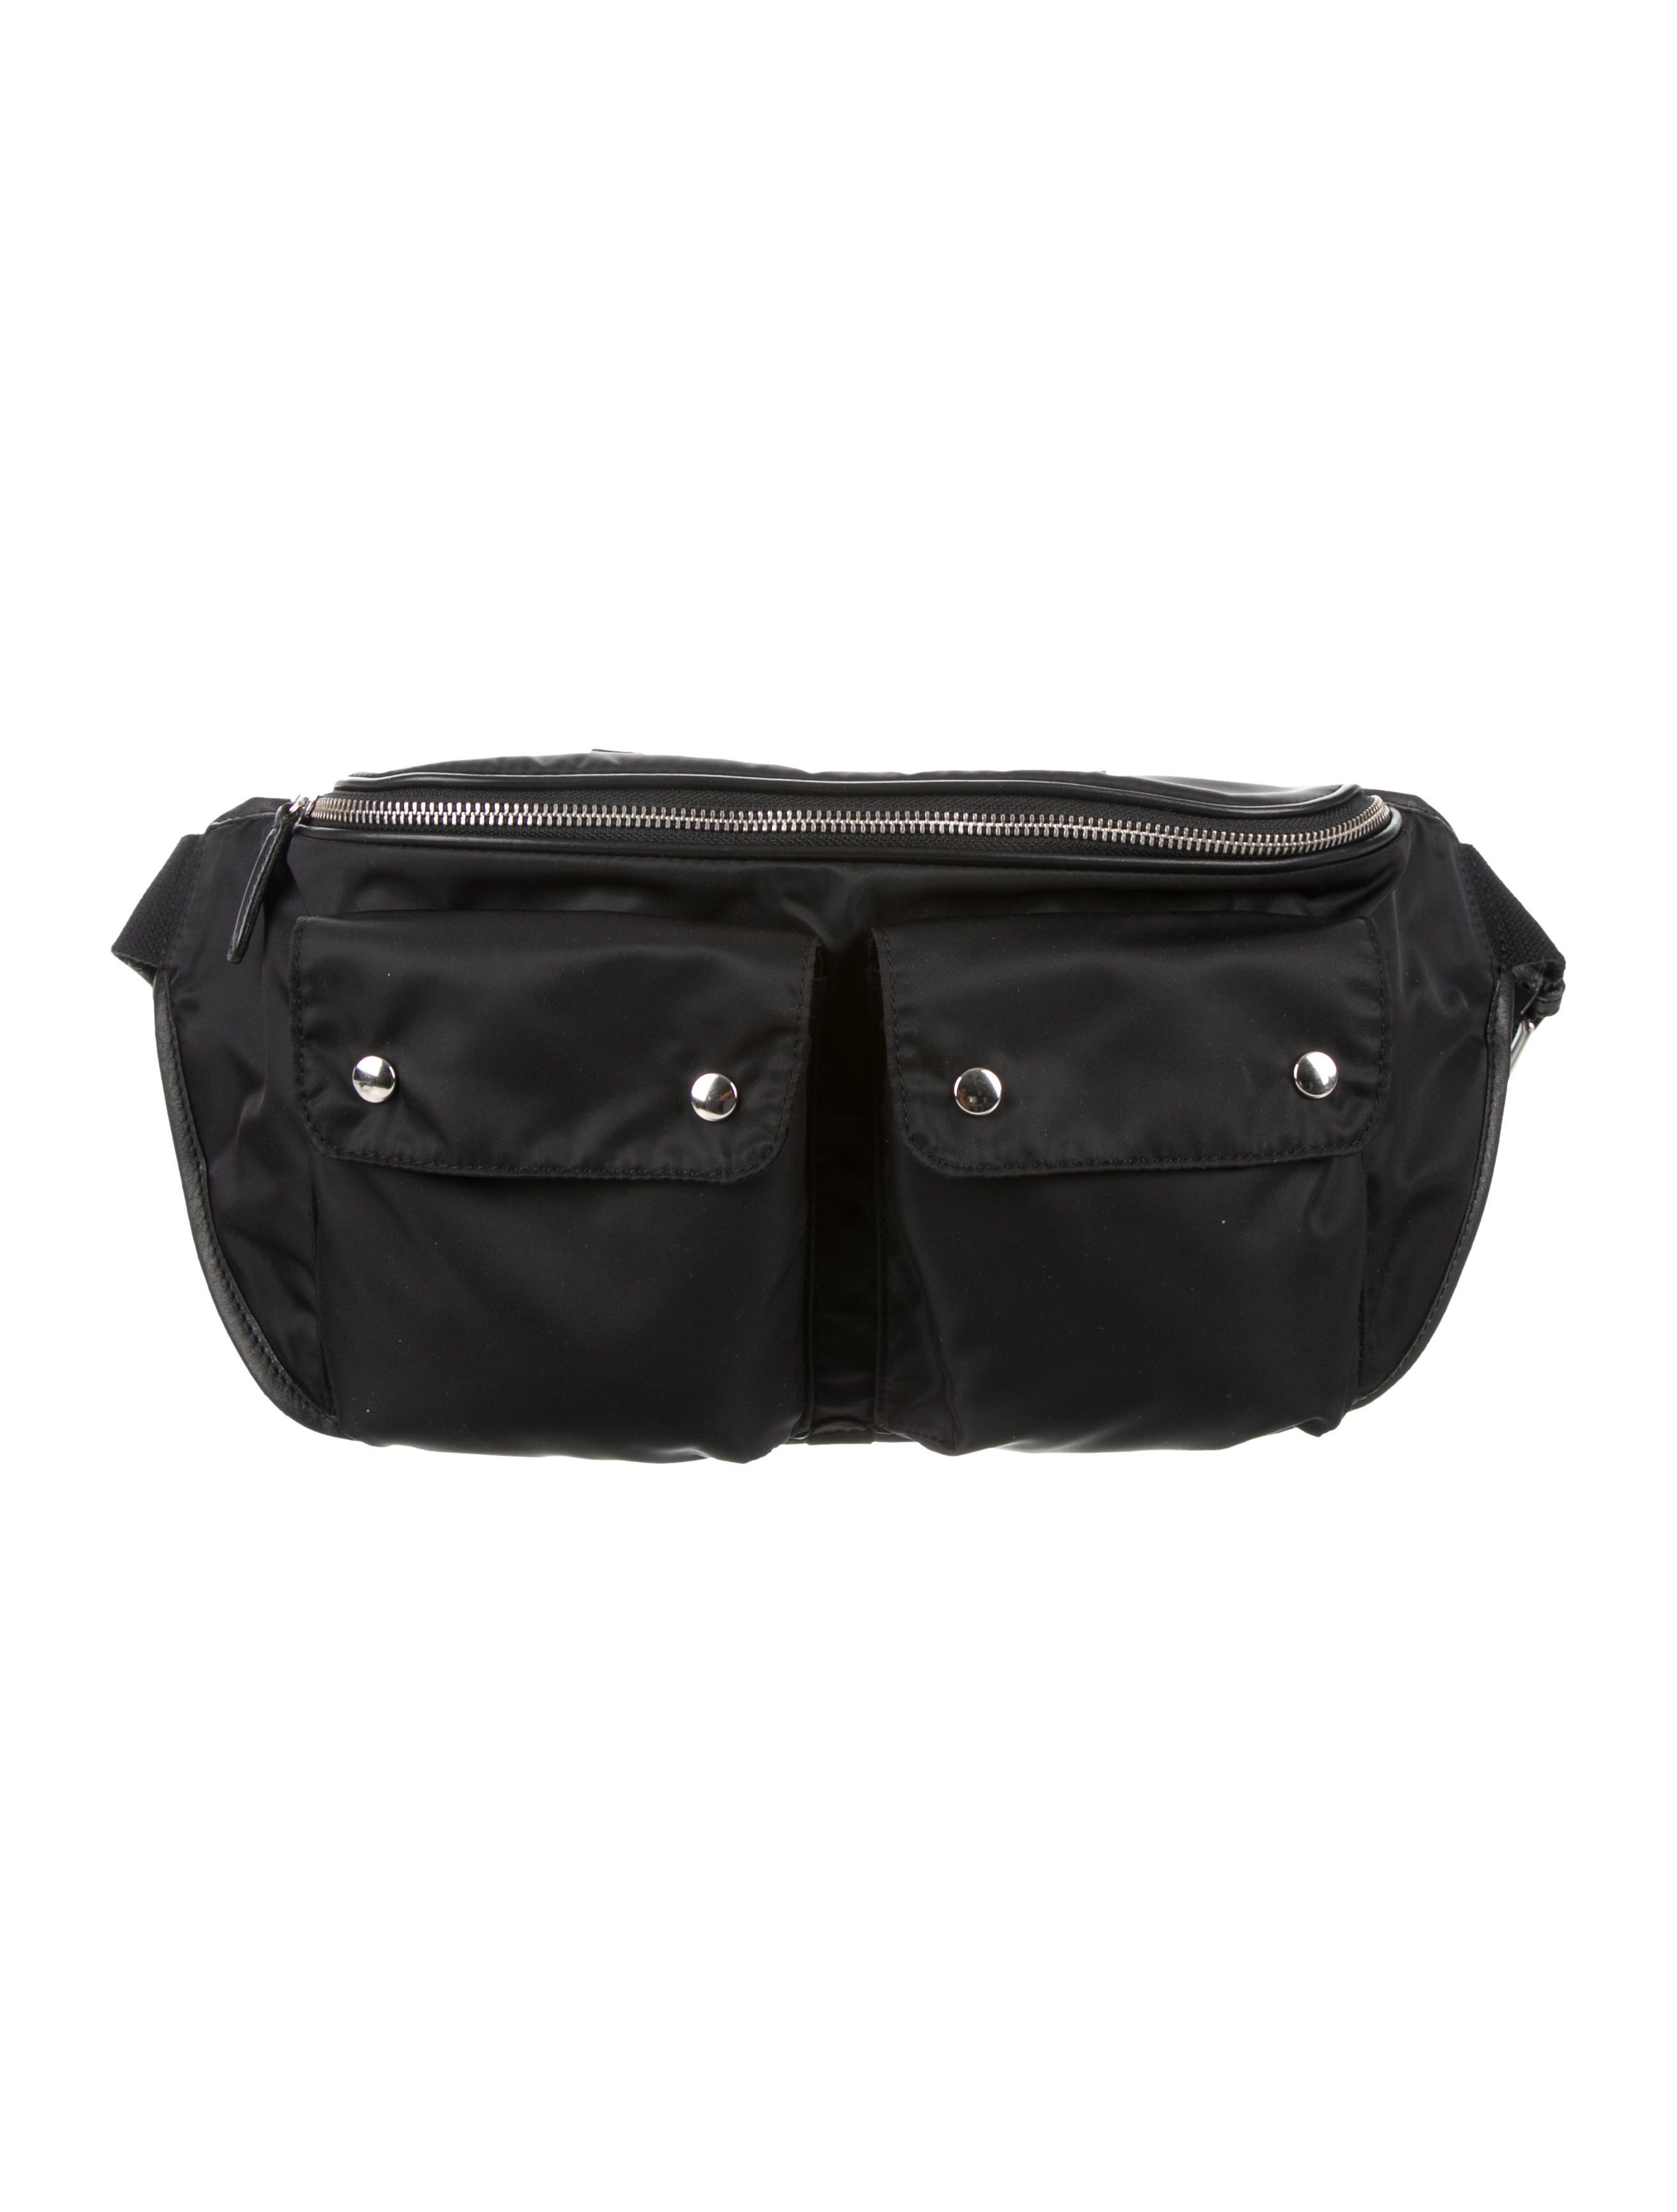 2b5a433b1328 Felisi Leather-Trimmed Belt Bag w  Tags - Bags - FSI20007